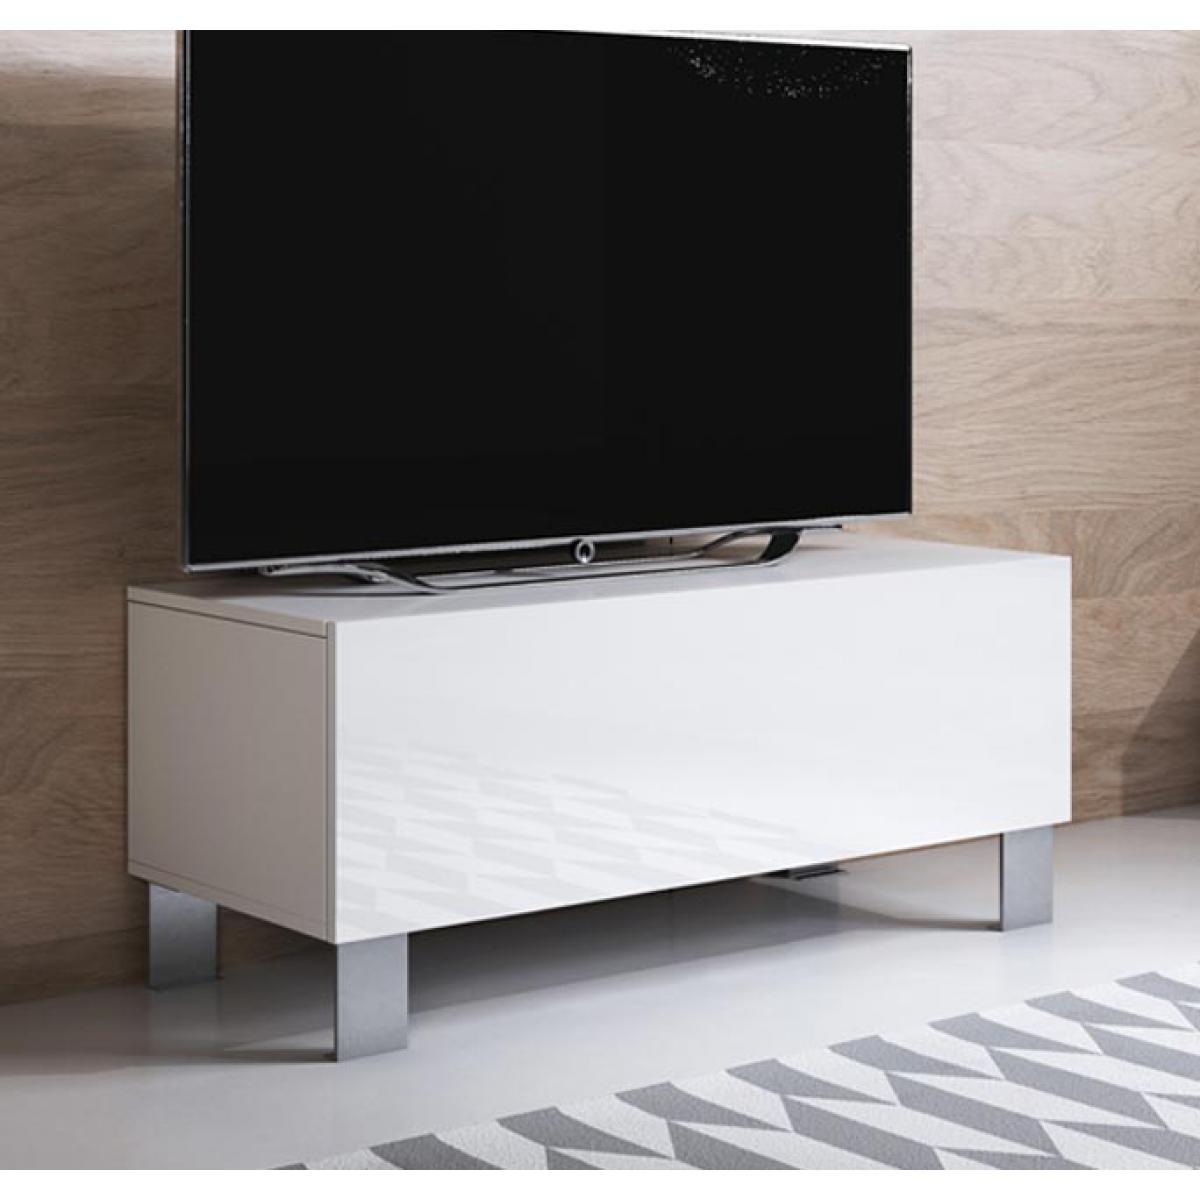 Design Ameublement Meuble TV modèle Luke H1 (100x42cm) couleur blanc avec pieds en aluminium